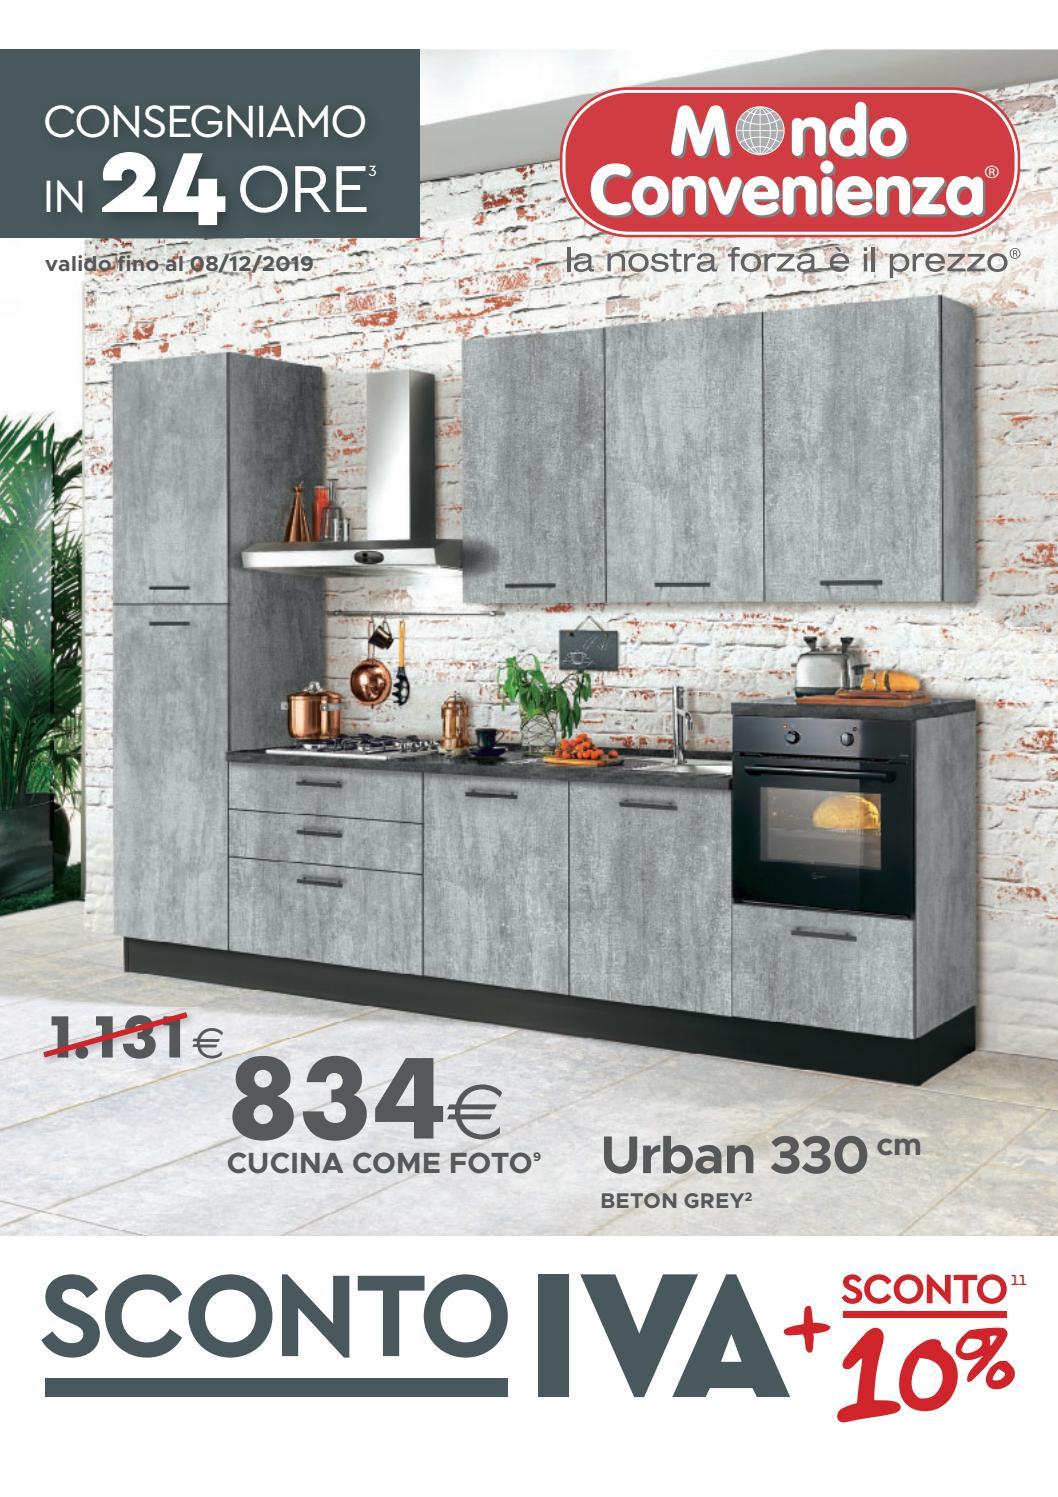 Cucine Mondo Convenienza Senza Elettrodomestici mondoconv_8dic by best of volantinoweb - issuu